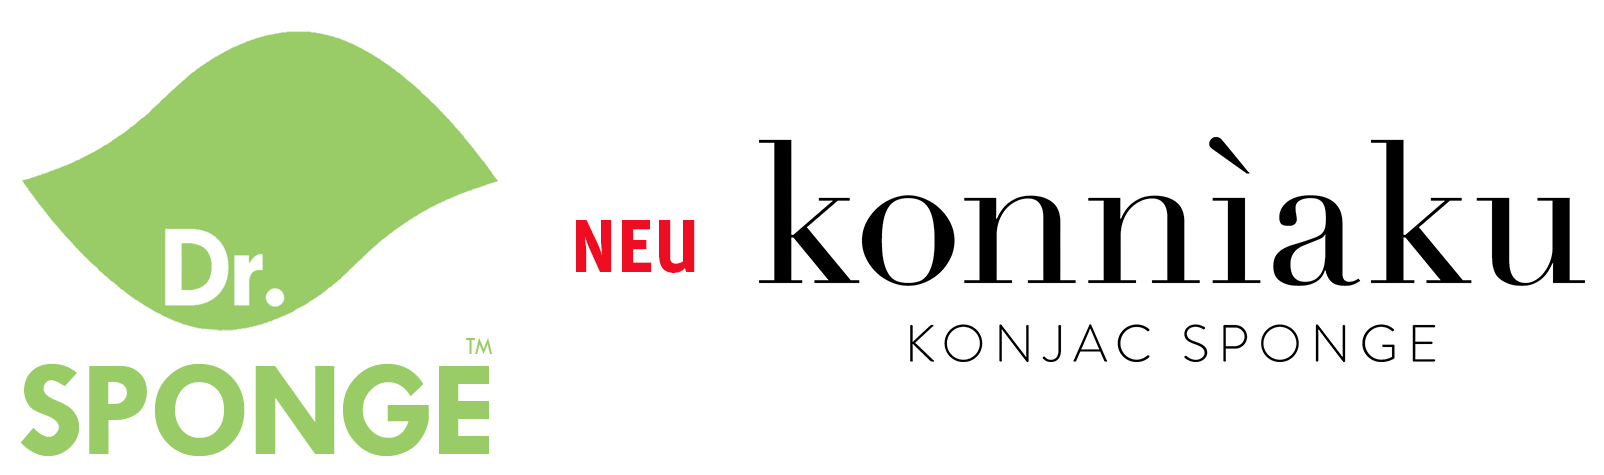 Logo-Dr-Sponge-Konniaku